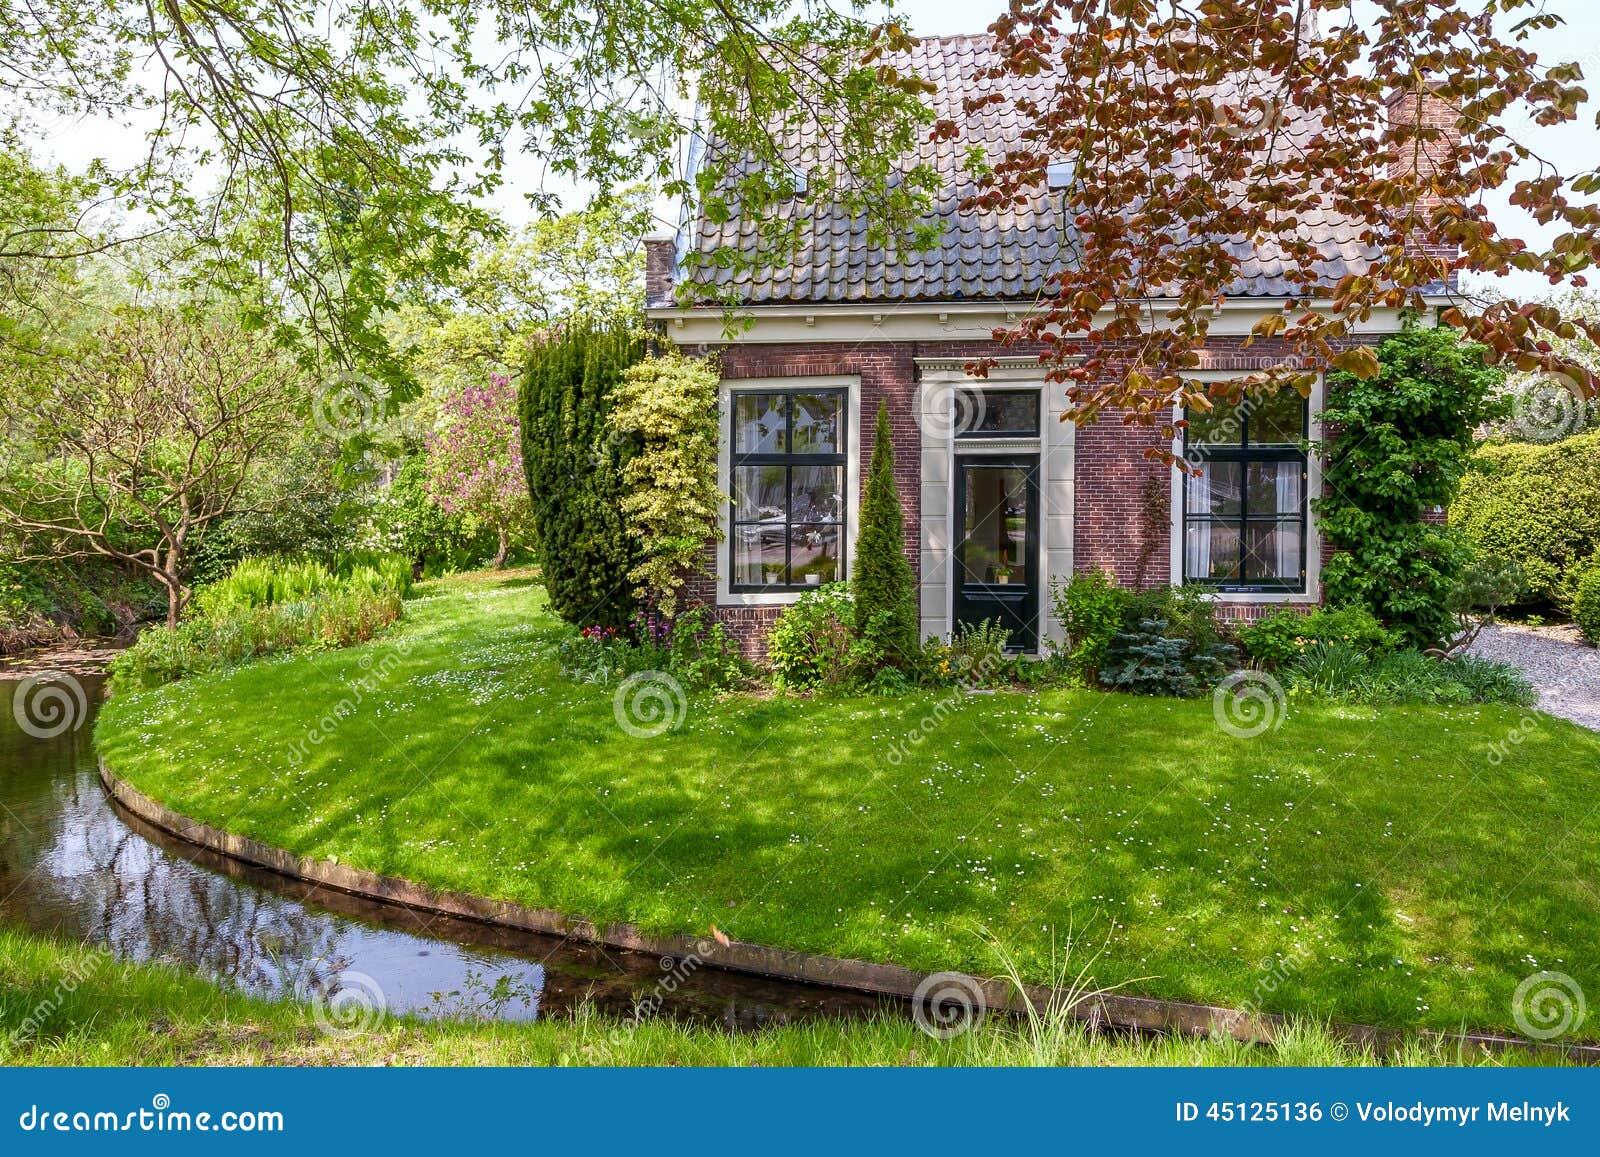 Petite maison avec du charme aux pays bas photo stock - Villa nefkens wageningen aux pays bas ...